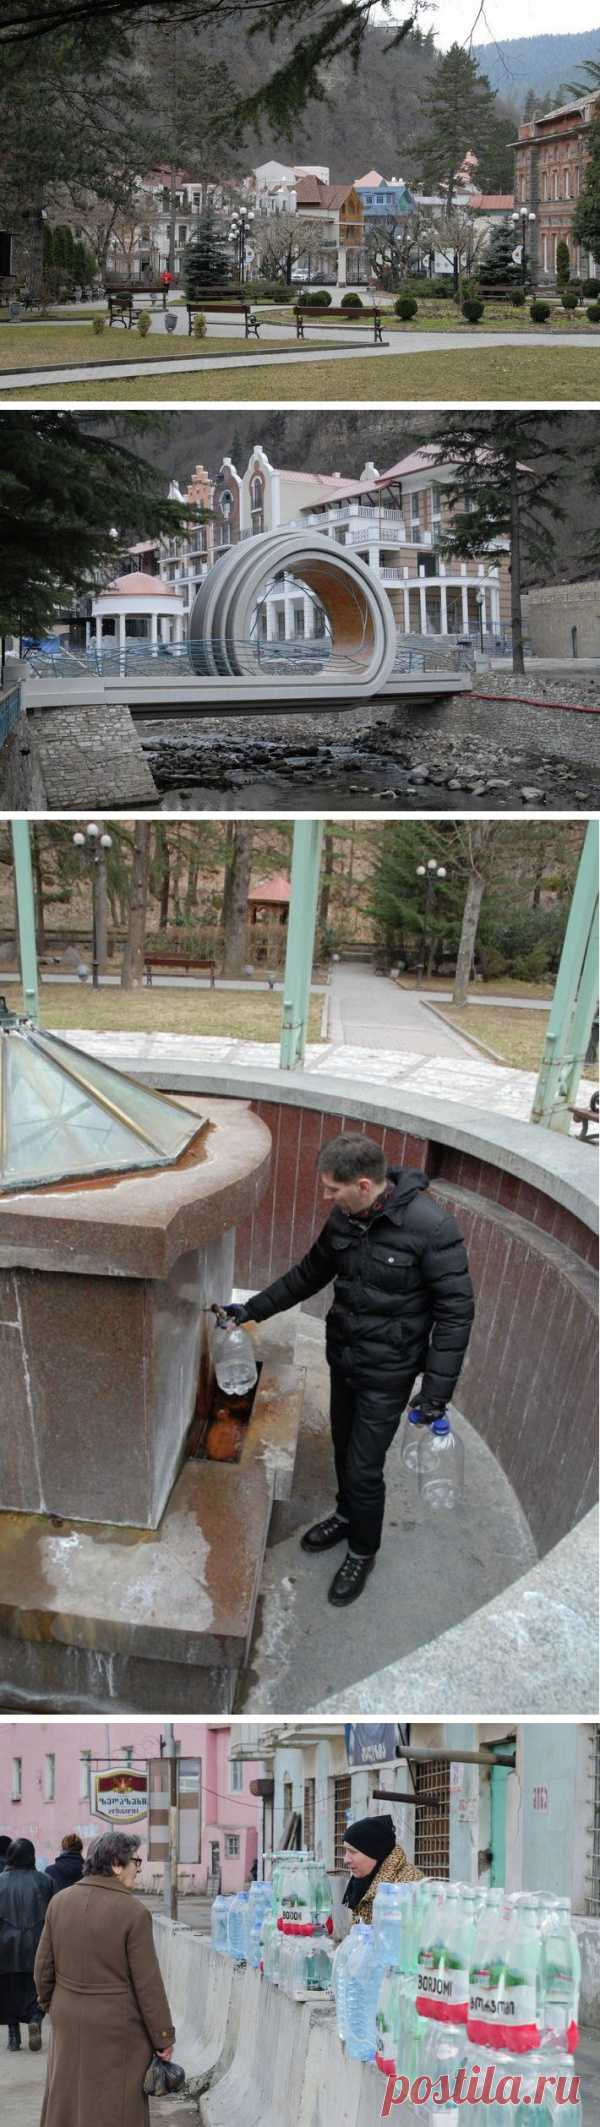 ¿Donde descansar y recobrar la salud? Las fuentes minerales y el aire montañoso. La Ciudad-balneario Borjomi, Georgia. (El 7 de abril - el día Mundial de la salud)